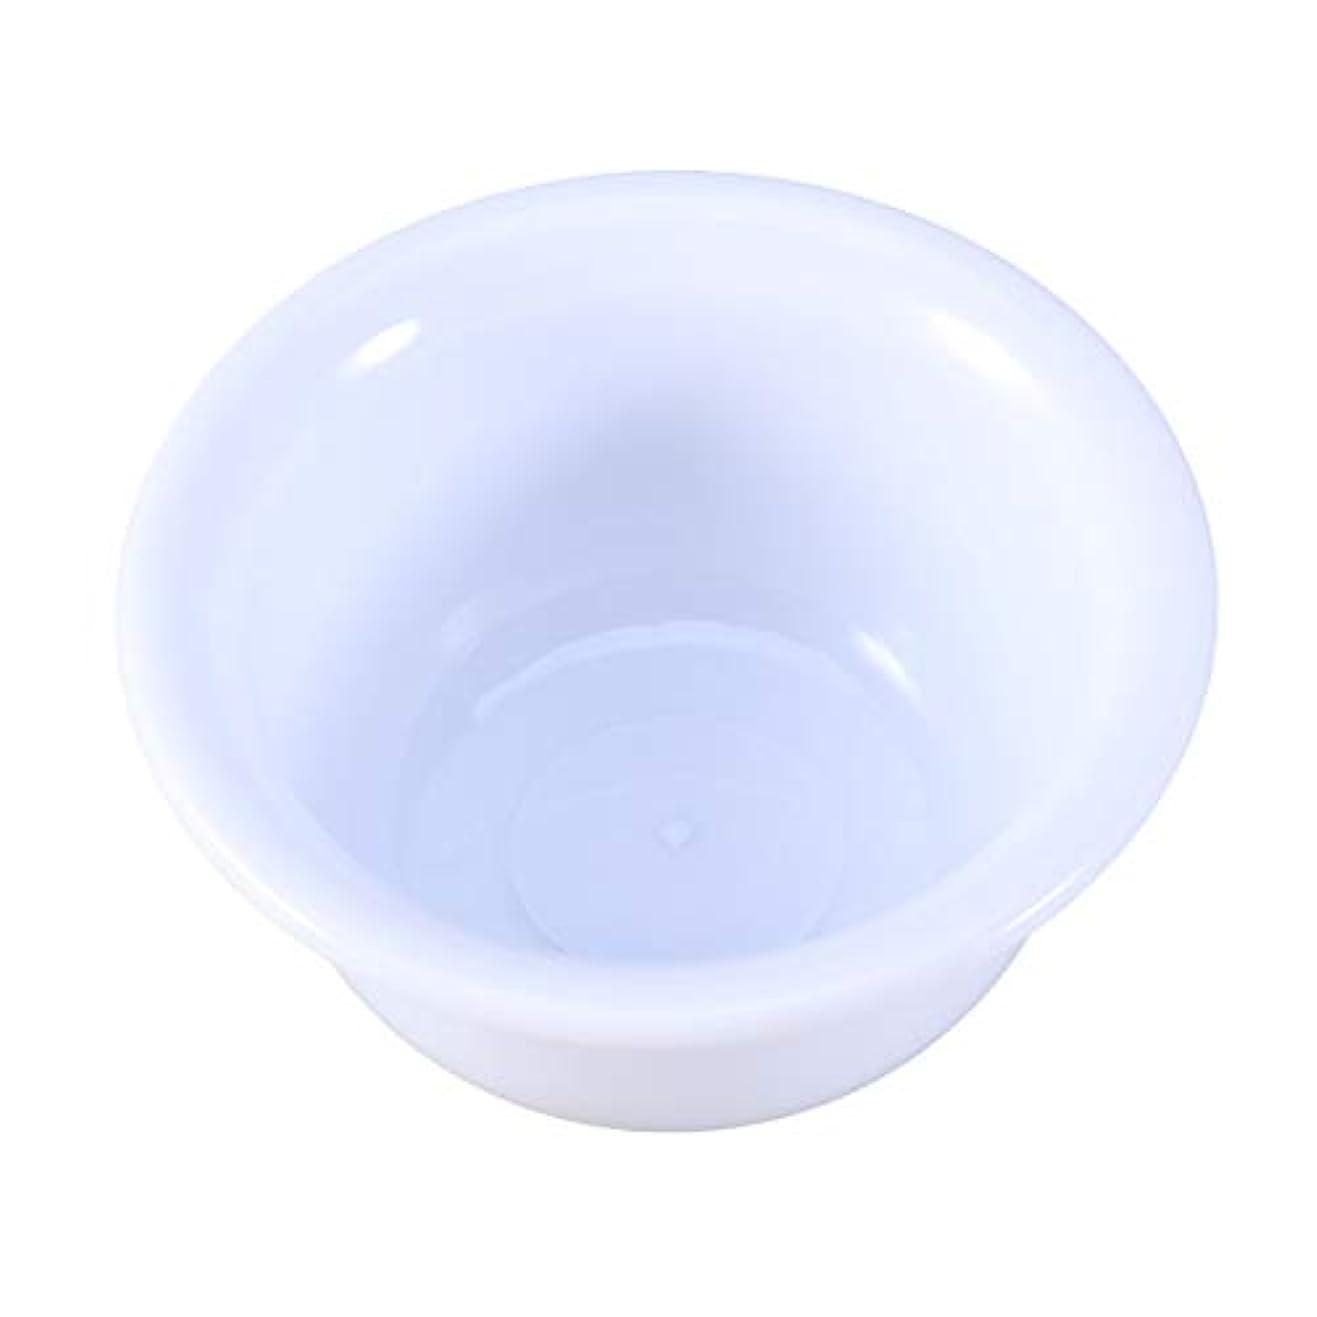 サンドイッチ合併症上昇男性用Healiftyプラスチックシェービングボウルシェービングクリームソープボウル(ホワイト)